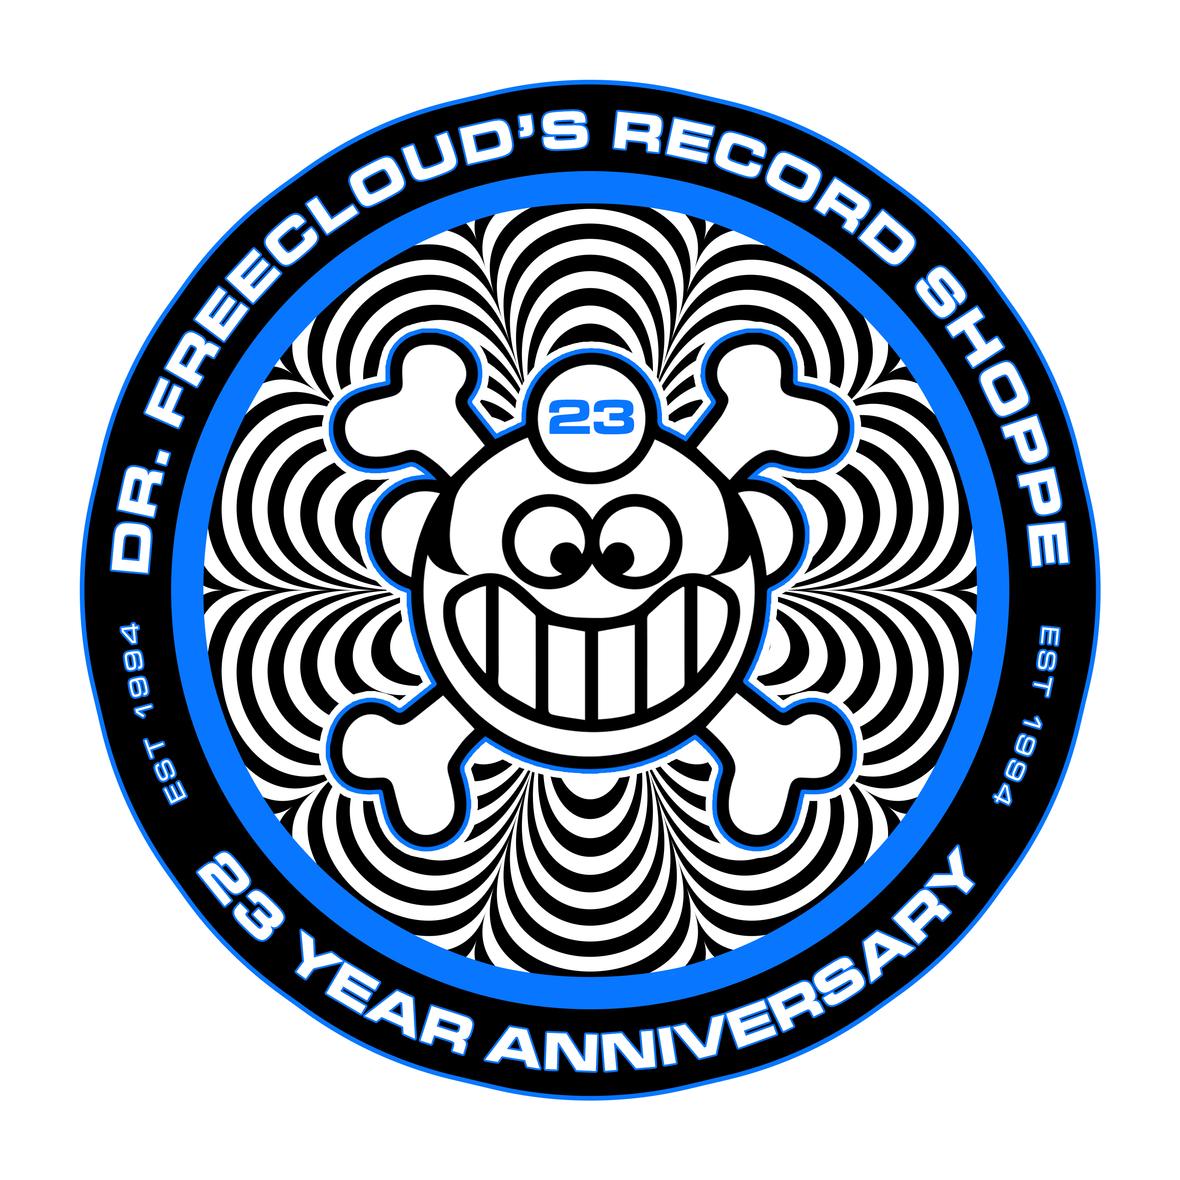 DFRS 23 Year Emblem 4-blue-color-added